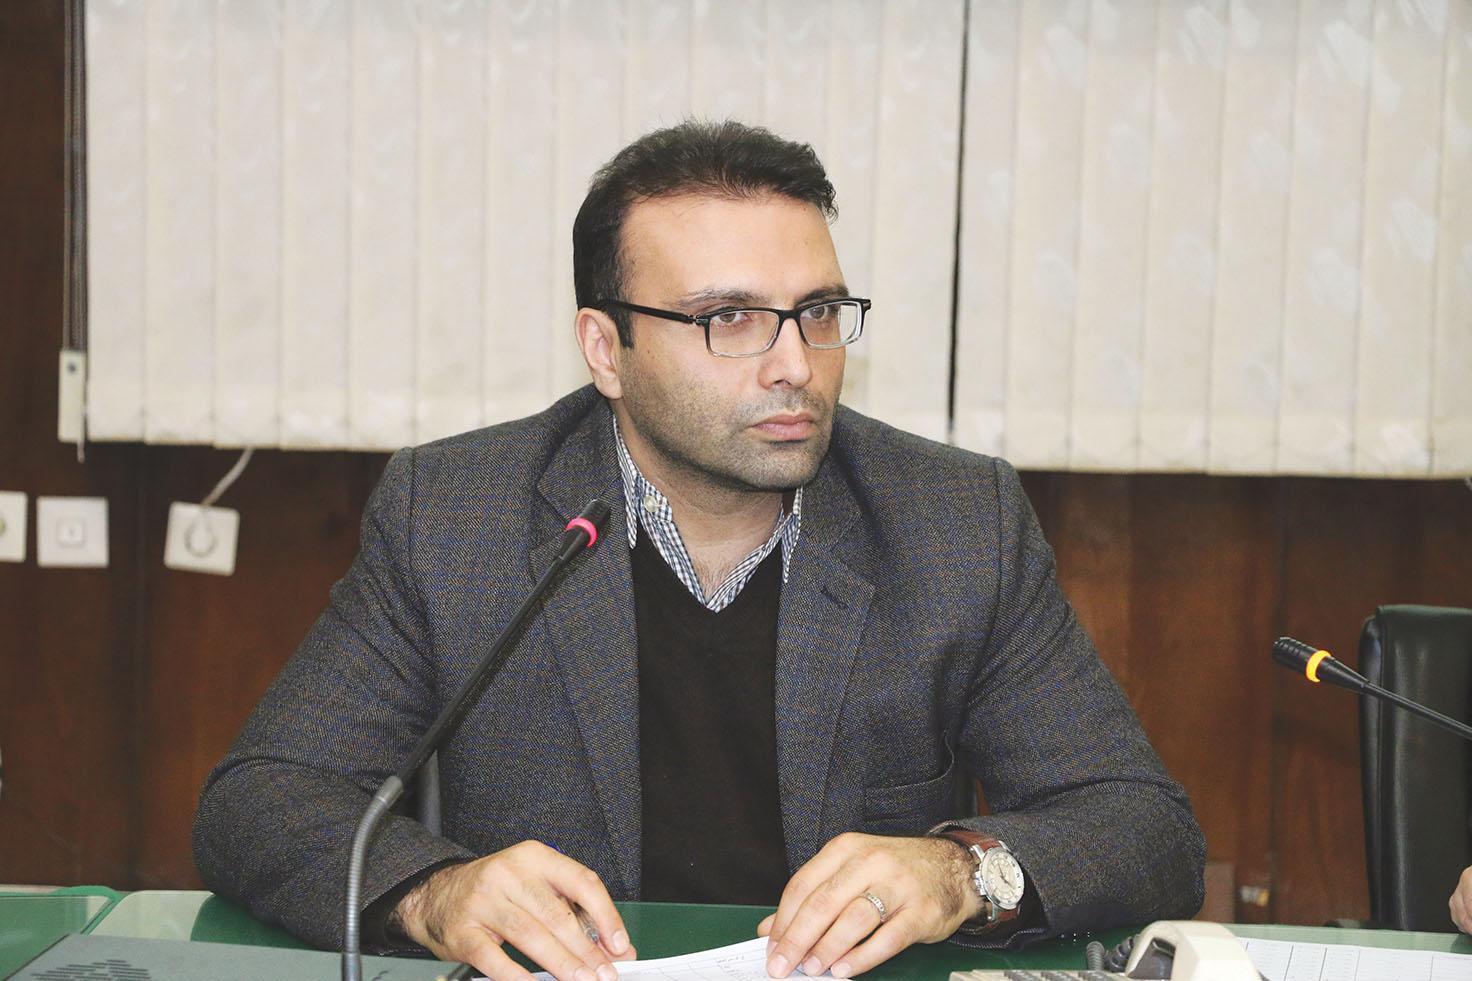 برابر اعلام شرکت مدیریت شبکه برق ایران:  برق منطقه ای گیلان در شاخص عملکرد صحیح سیستم حفاظتی رتبه اول را کسب کرد